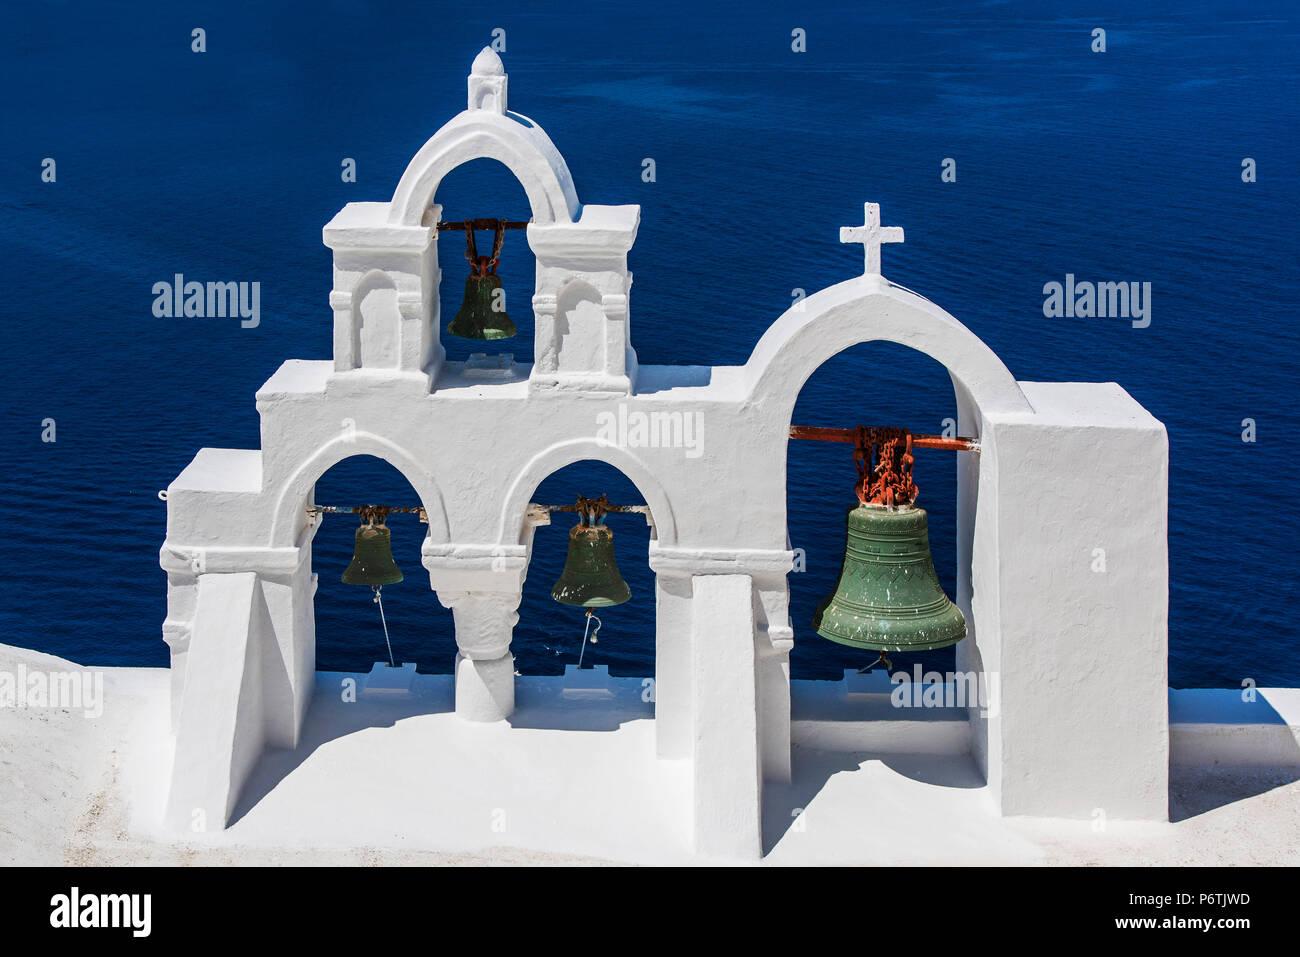 Befry blanc typiquement grec, Oia, Santorin, sud de la mer Egée, Grèce Photo Stock